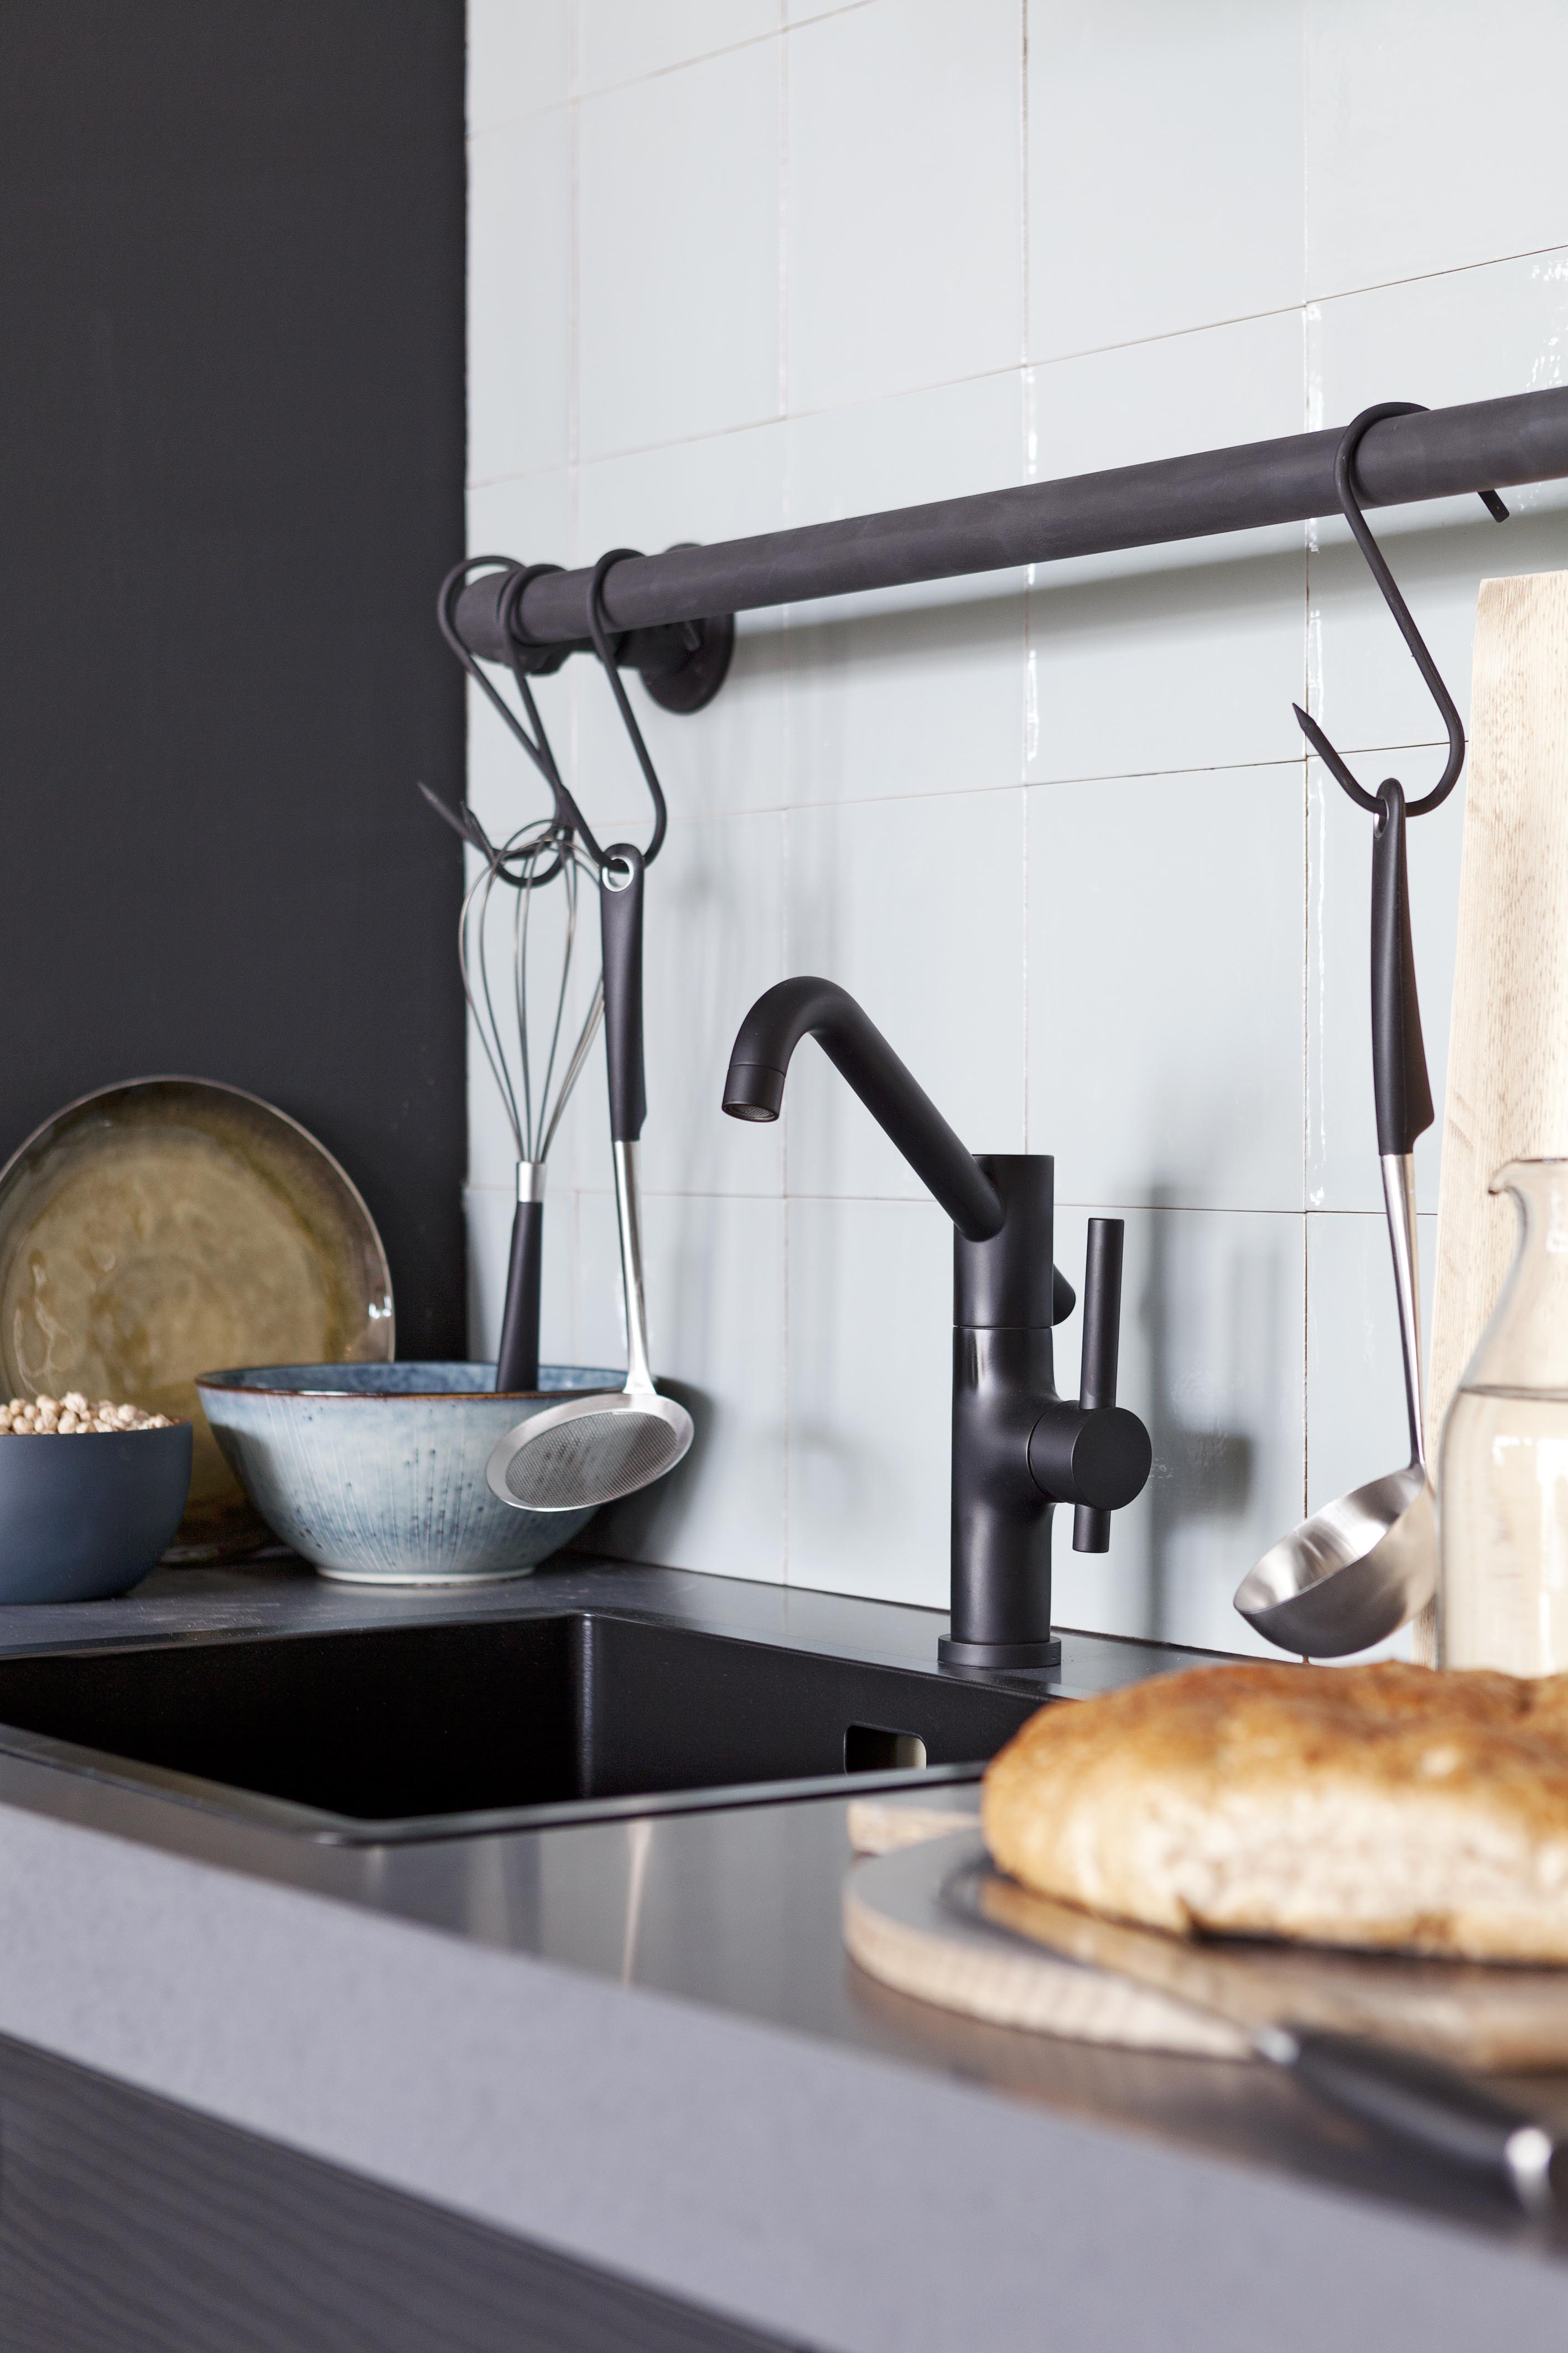 Vaak Zwarte Gootsteen Keuken – Informatie Over de Keuken #JM27